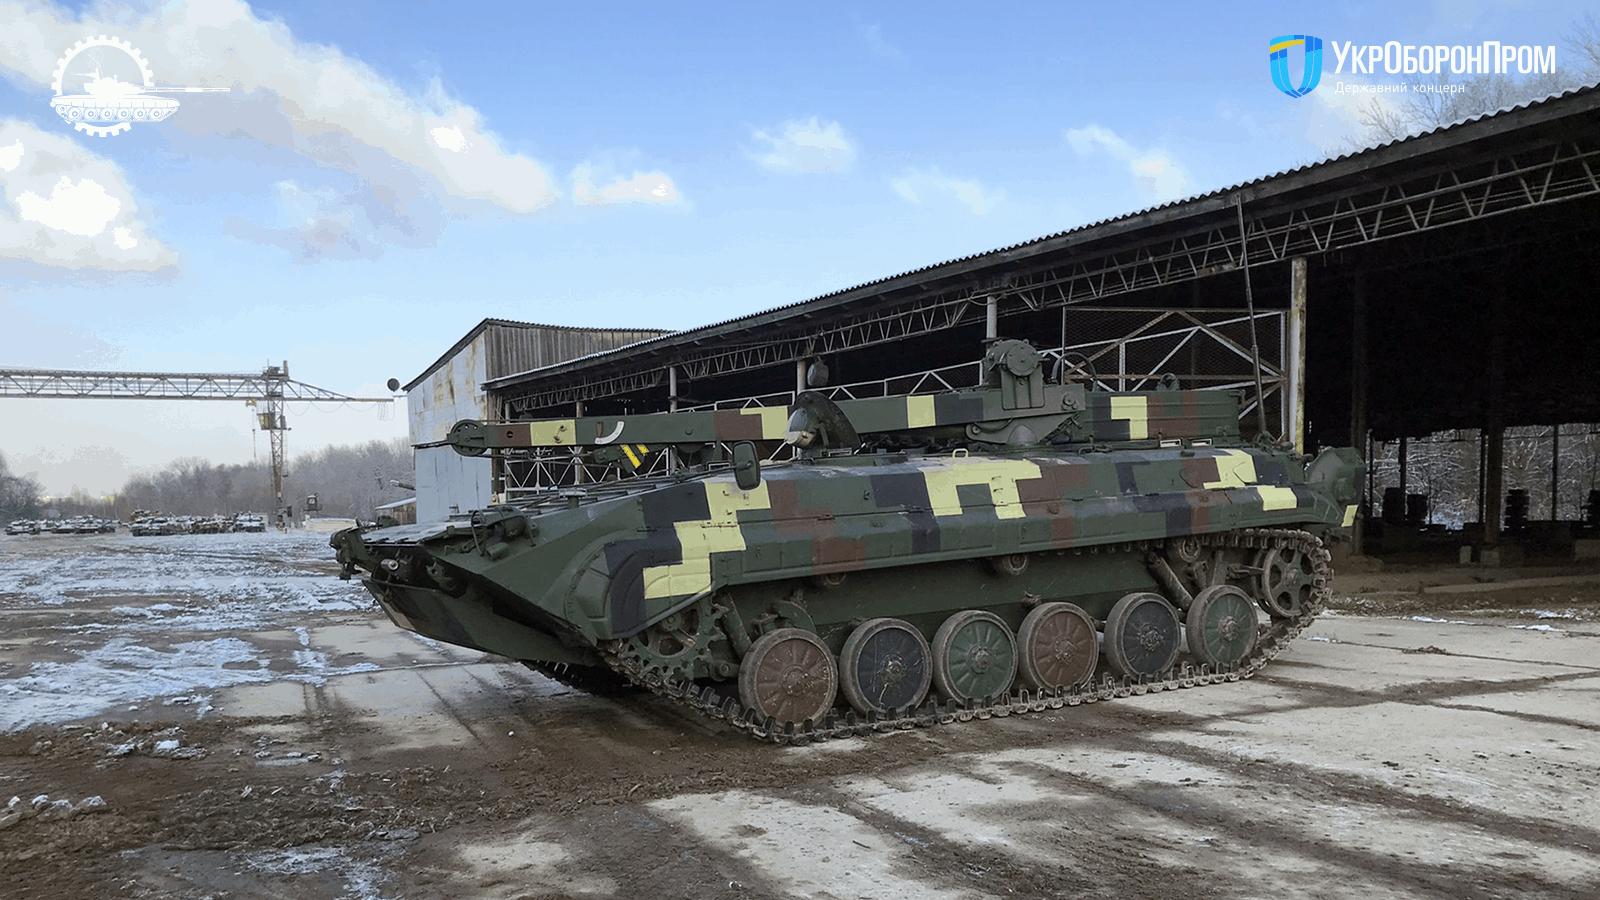 Відремонтована броньована ремонтно-евакуаційна машина БРЕМ-2